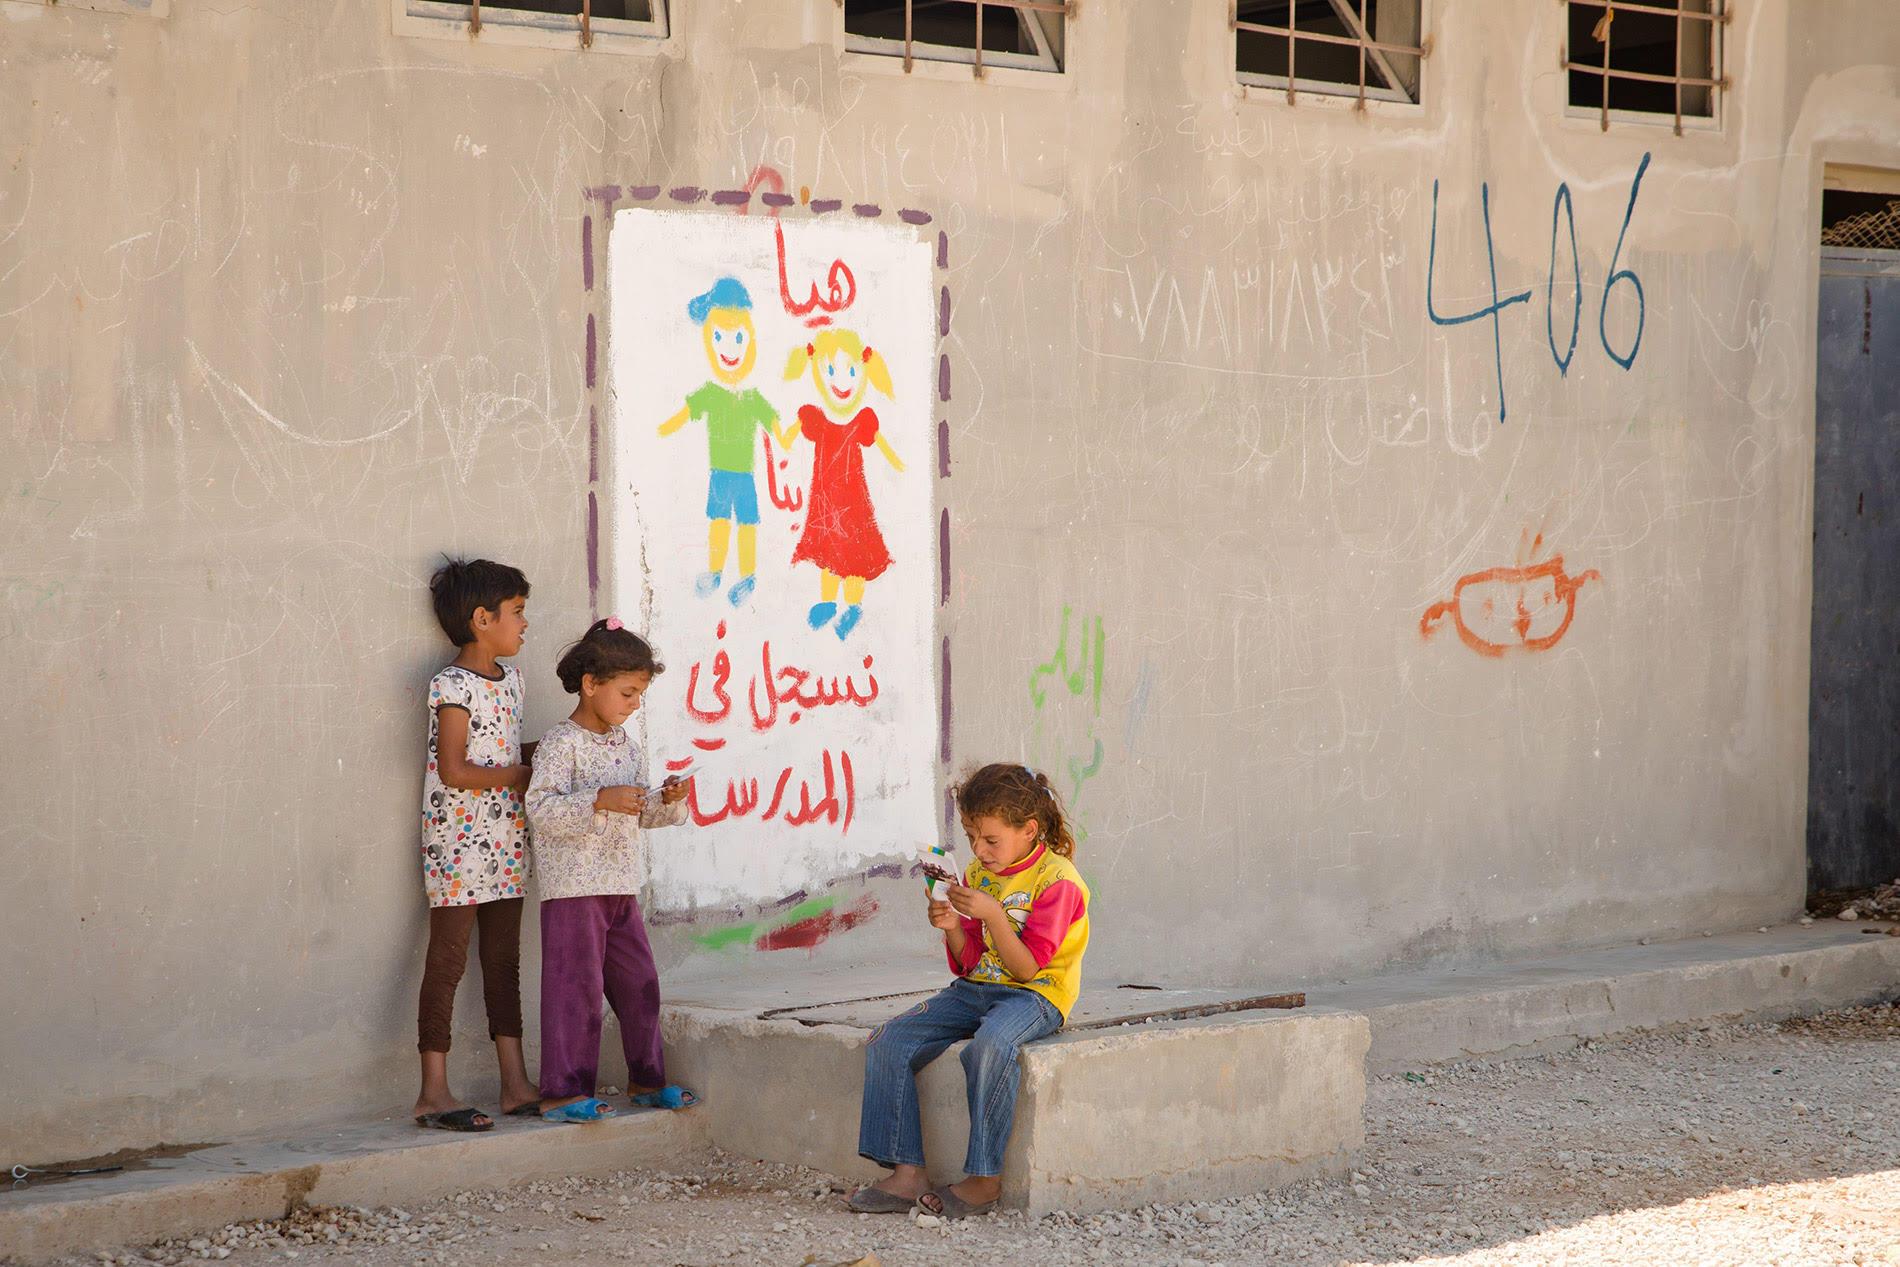 Mülteciler ve Hepimiz İçin Kapsayıcı Eğitim- 1